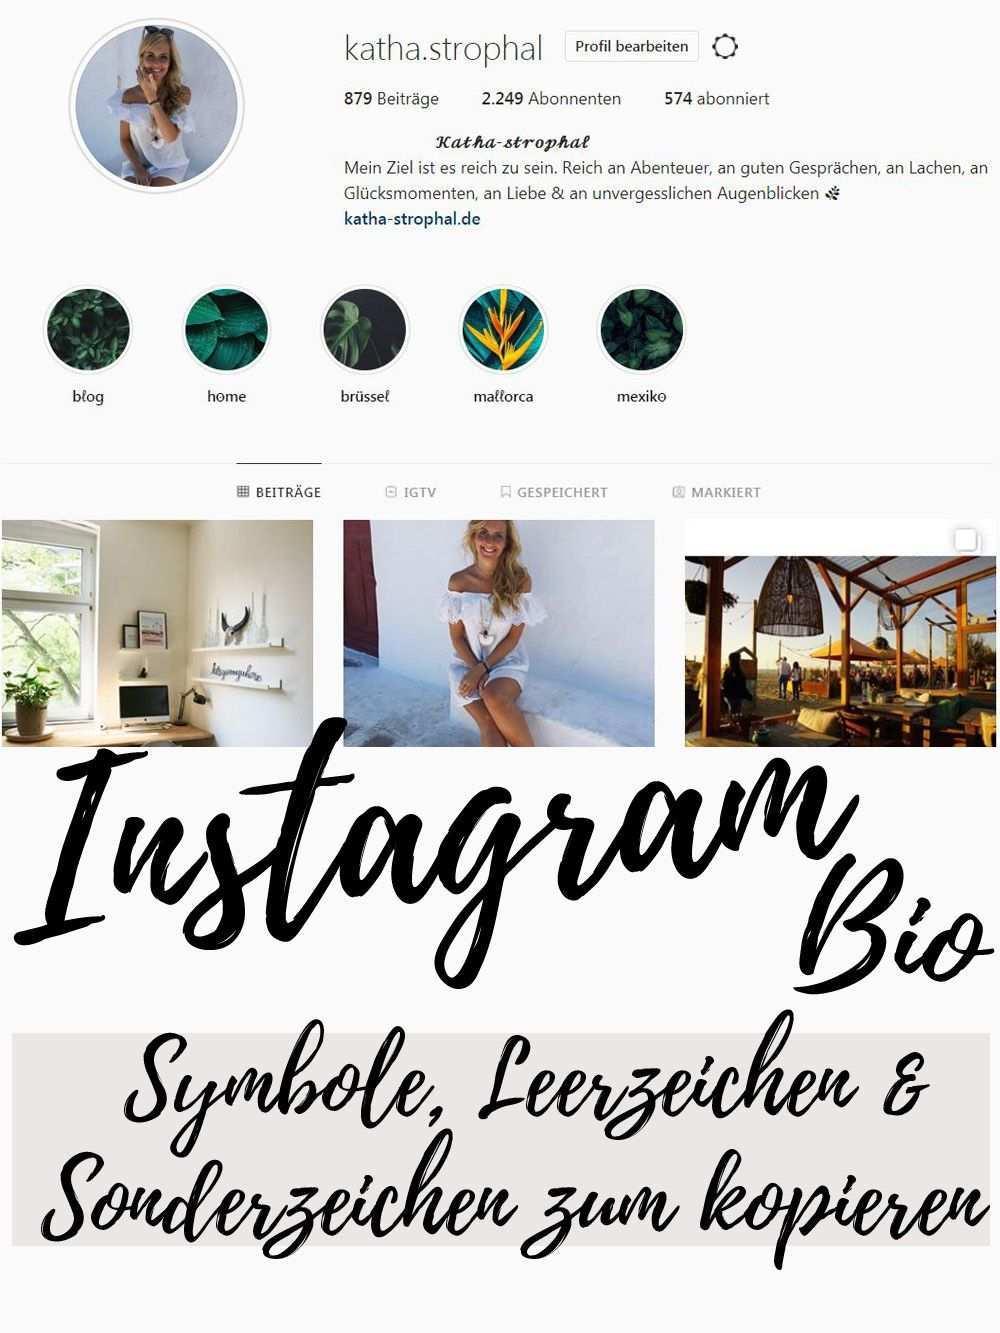 Symbole Zum Kopieren Fur Instagram Facebook Und Sonstige Beitrage Verschnorkelte Buchstaben Leerzeichen Symbol Instag Instagram Symbole Instagram Bio Ideen